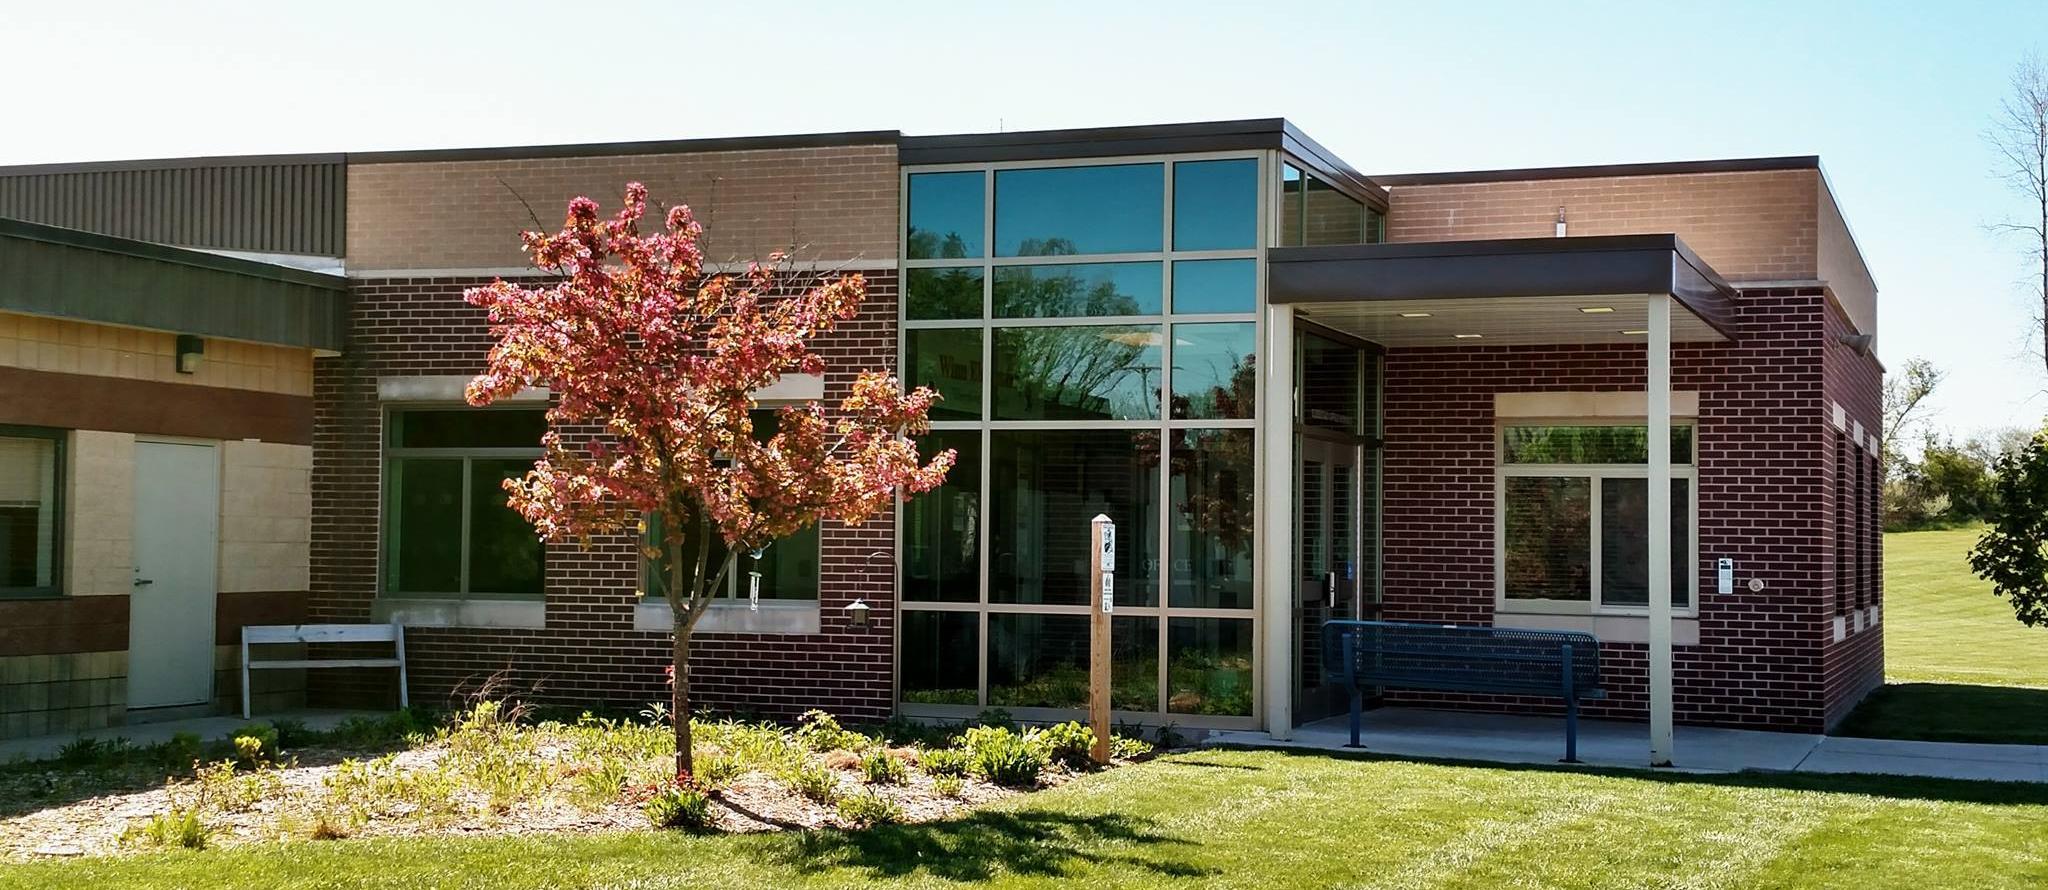 Winn Elementary Office